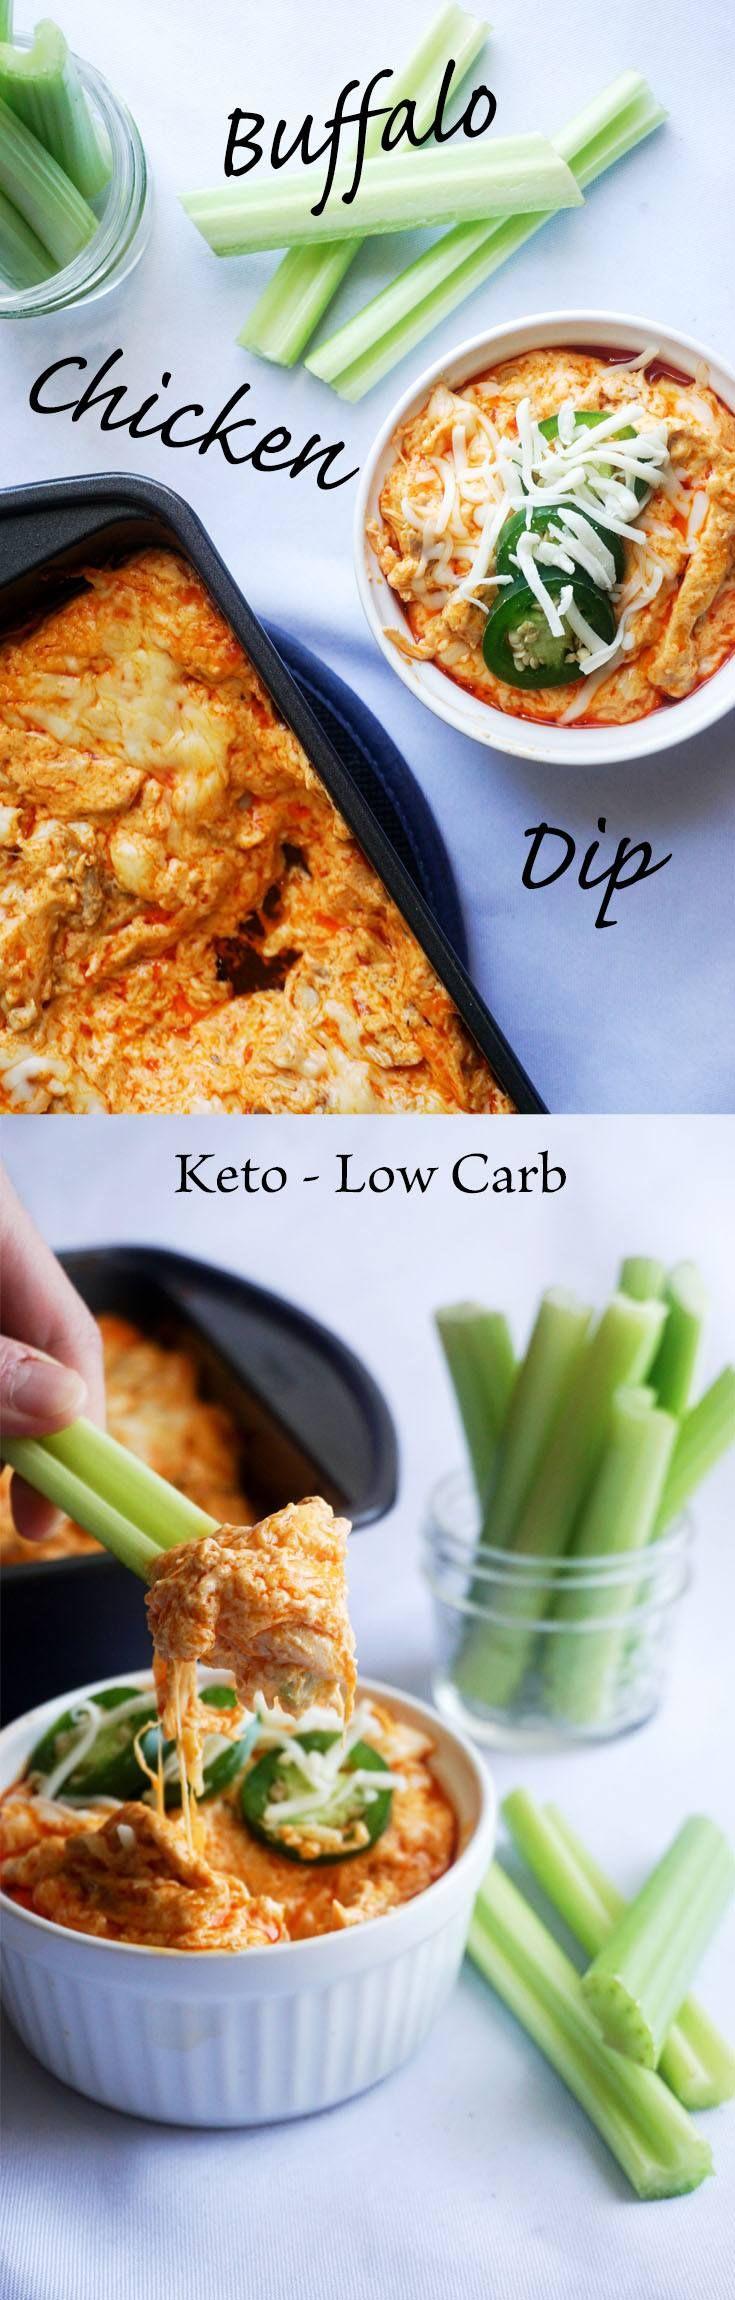 Keto recipes easy